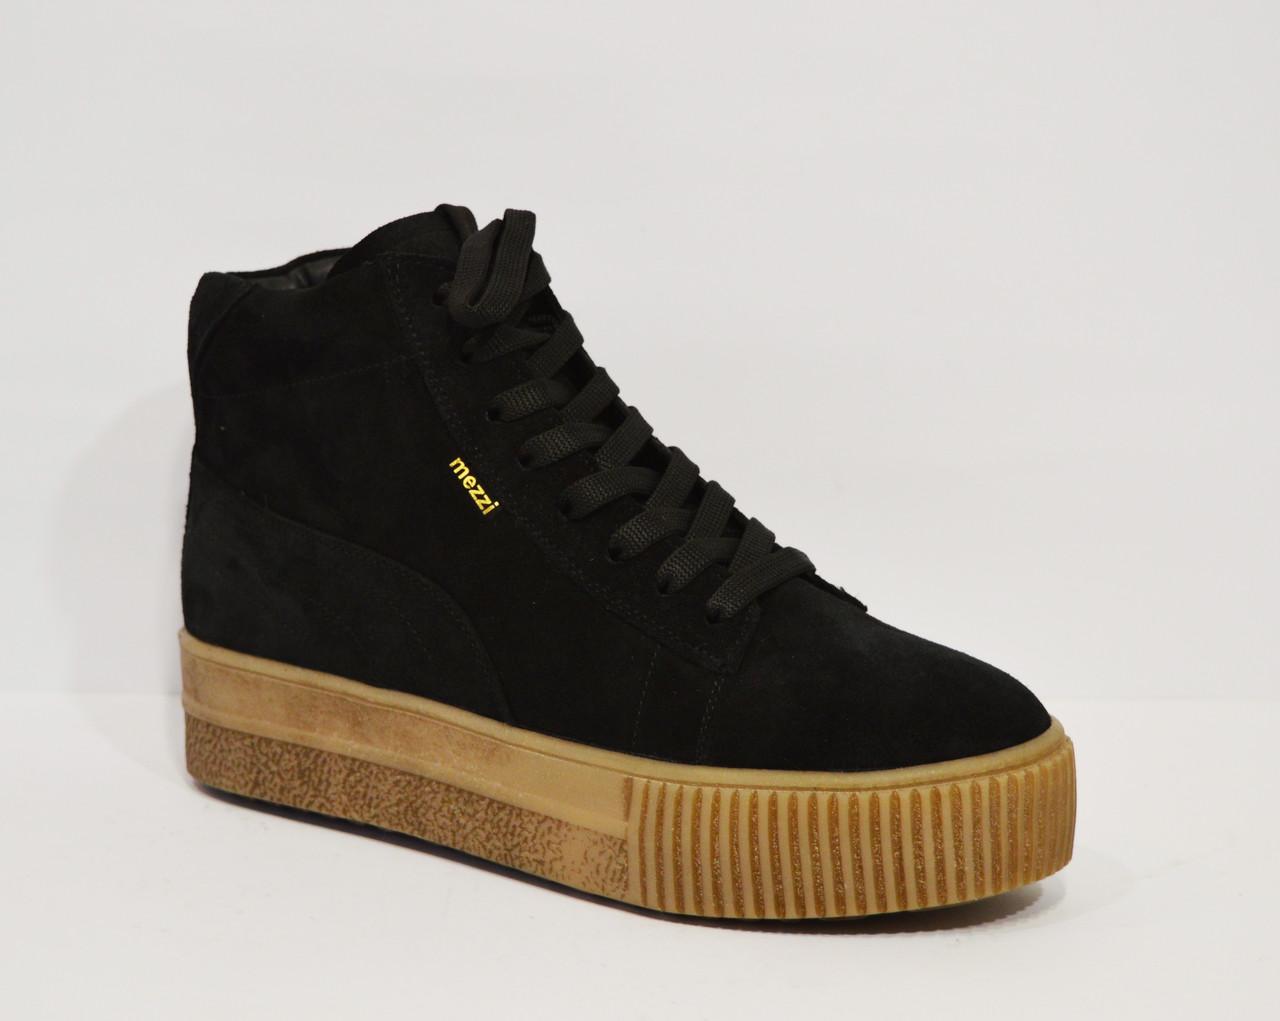 Зимние замшевые ботинки Ditas ПМ 39 размер